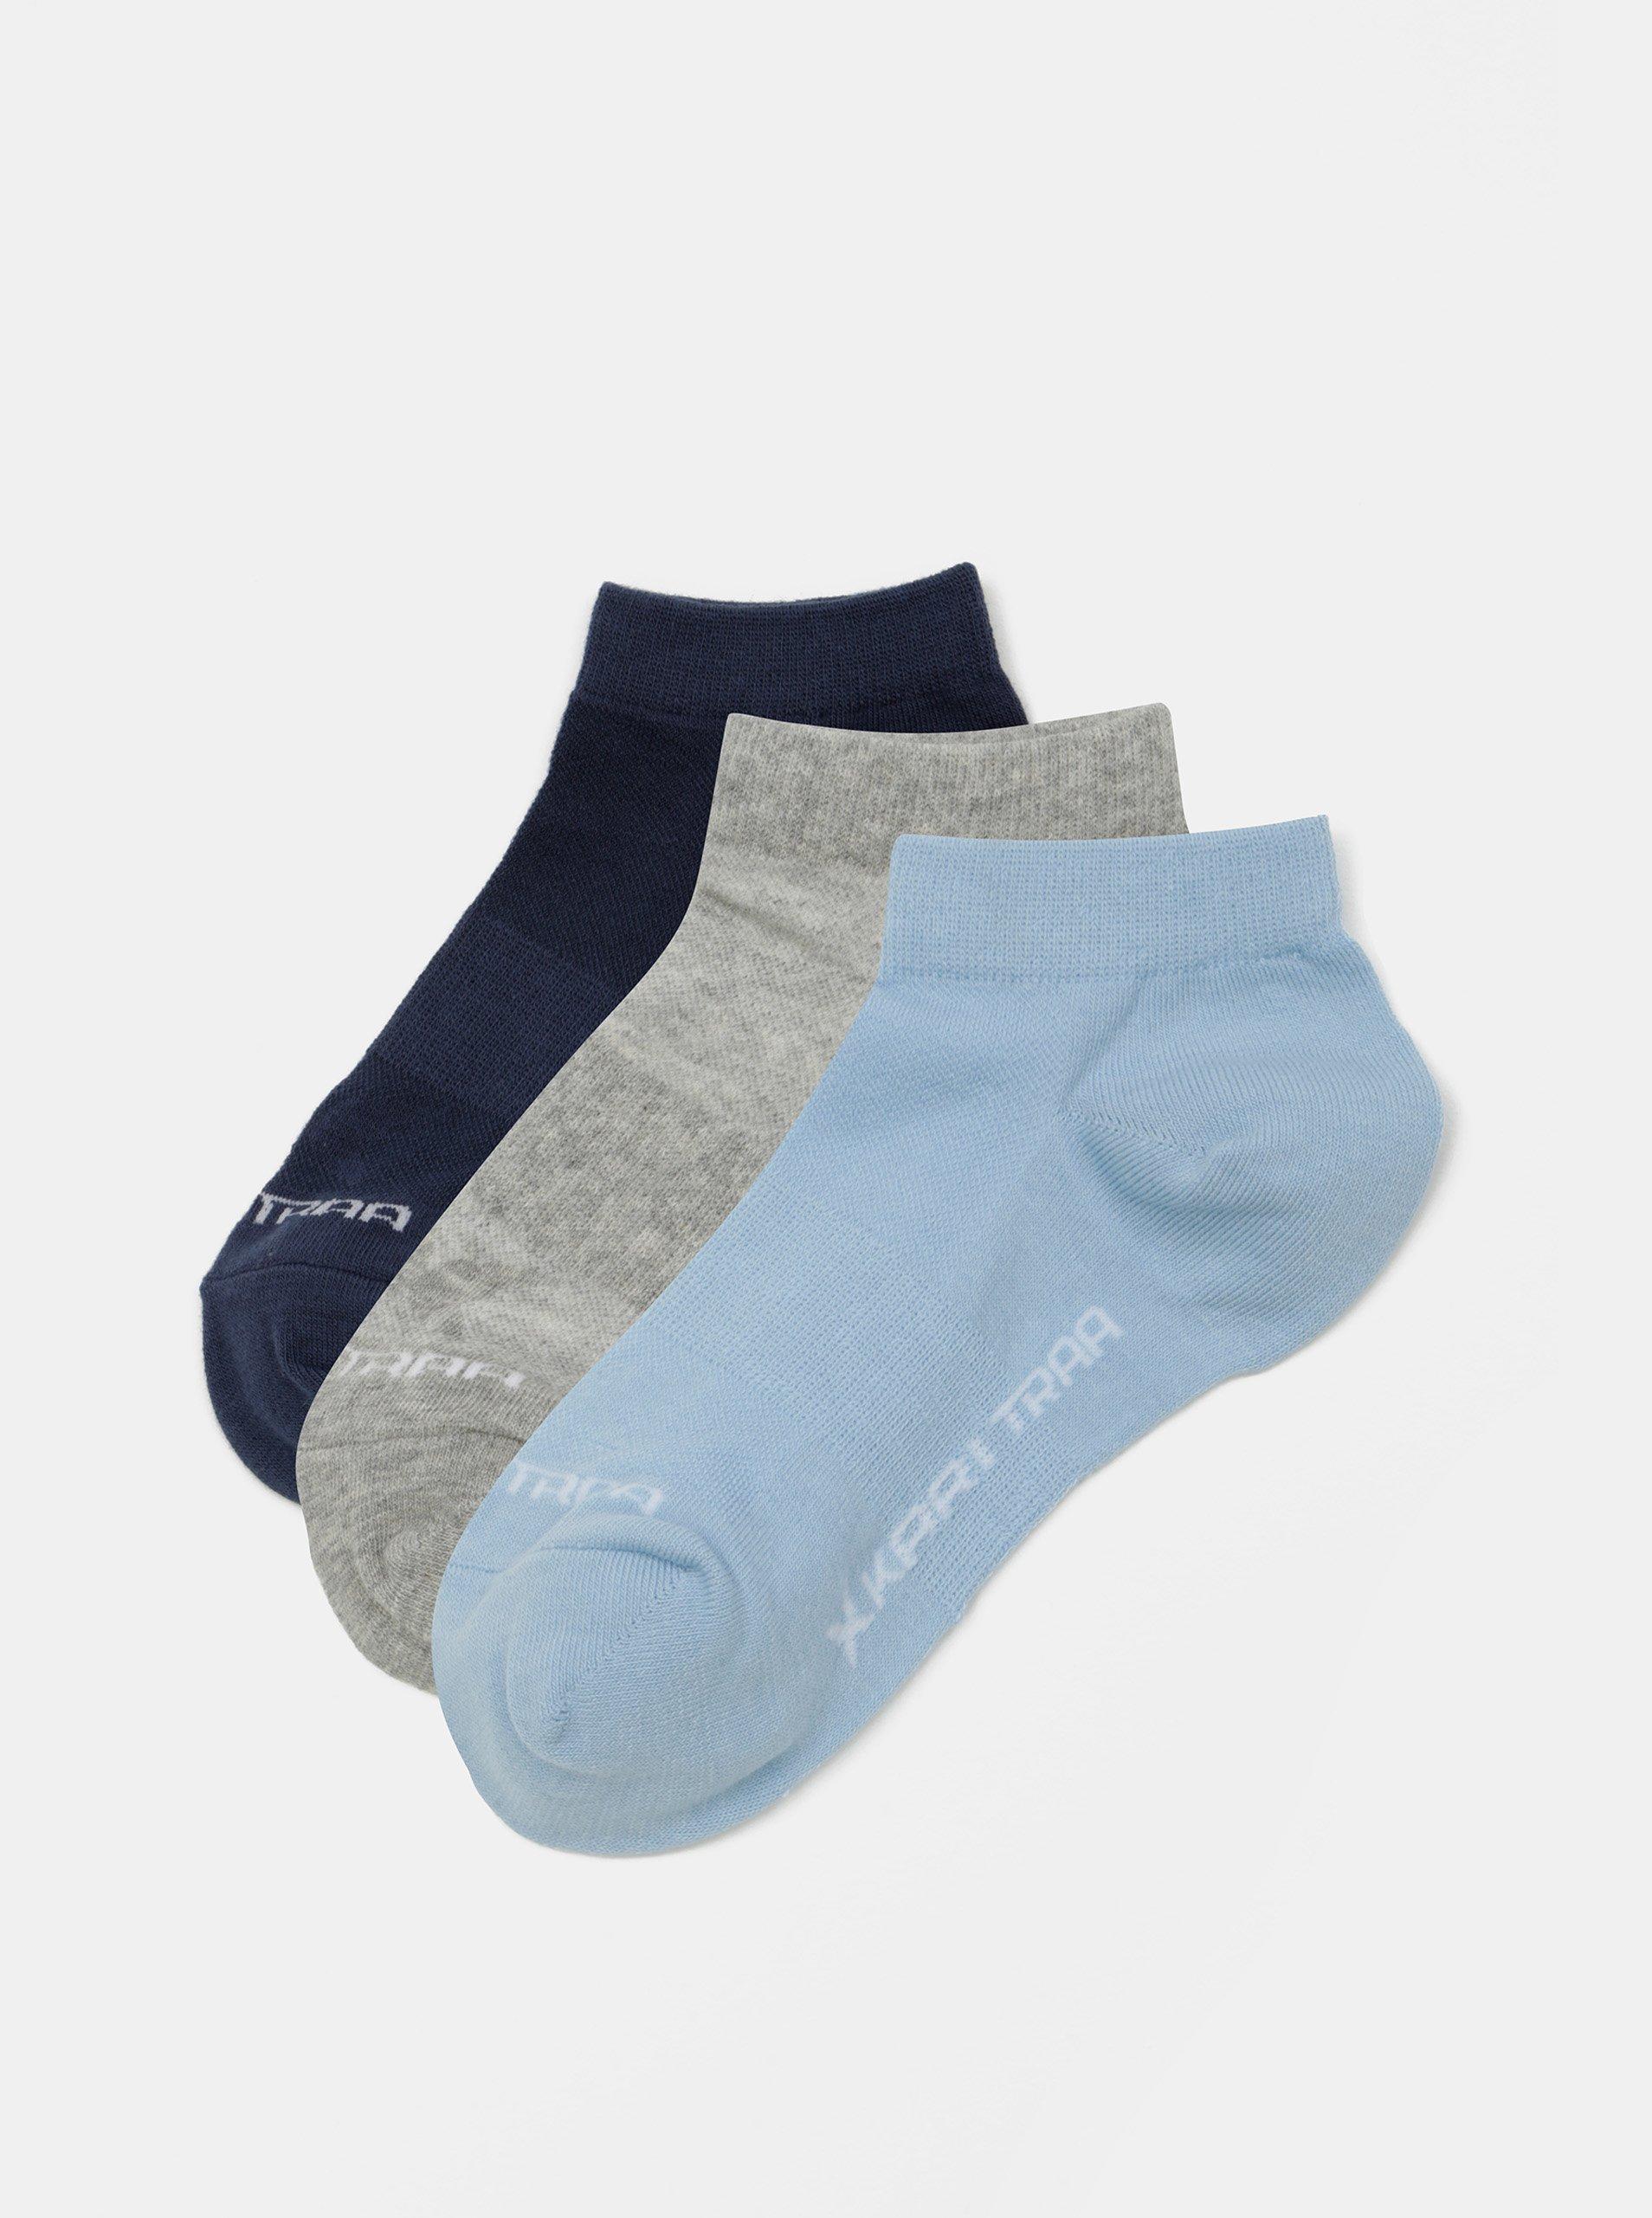 Sada tří párů ponožek v modré a šedé barvě Kari Traa